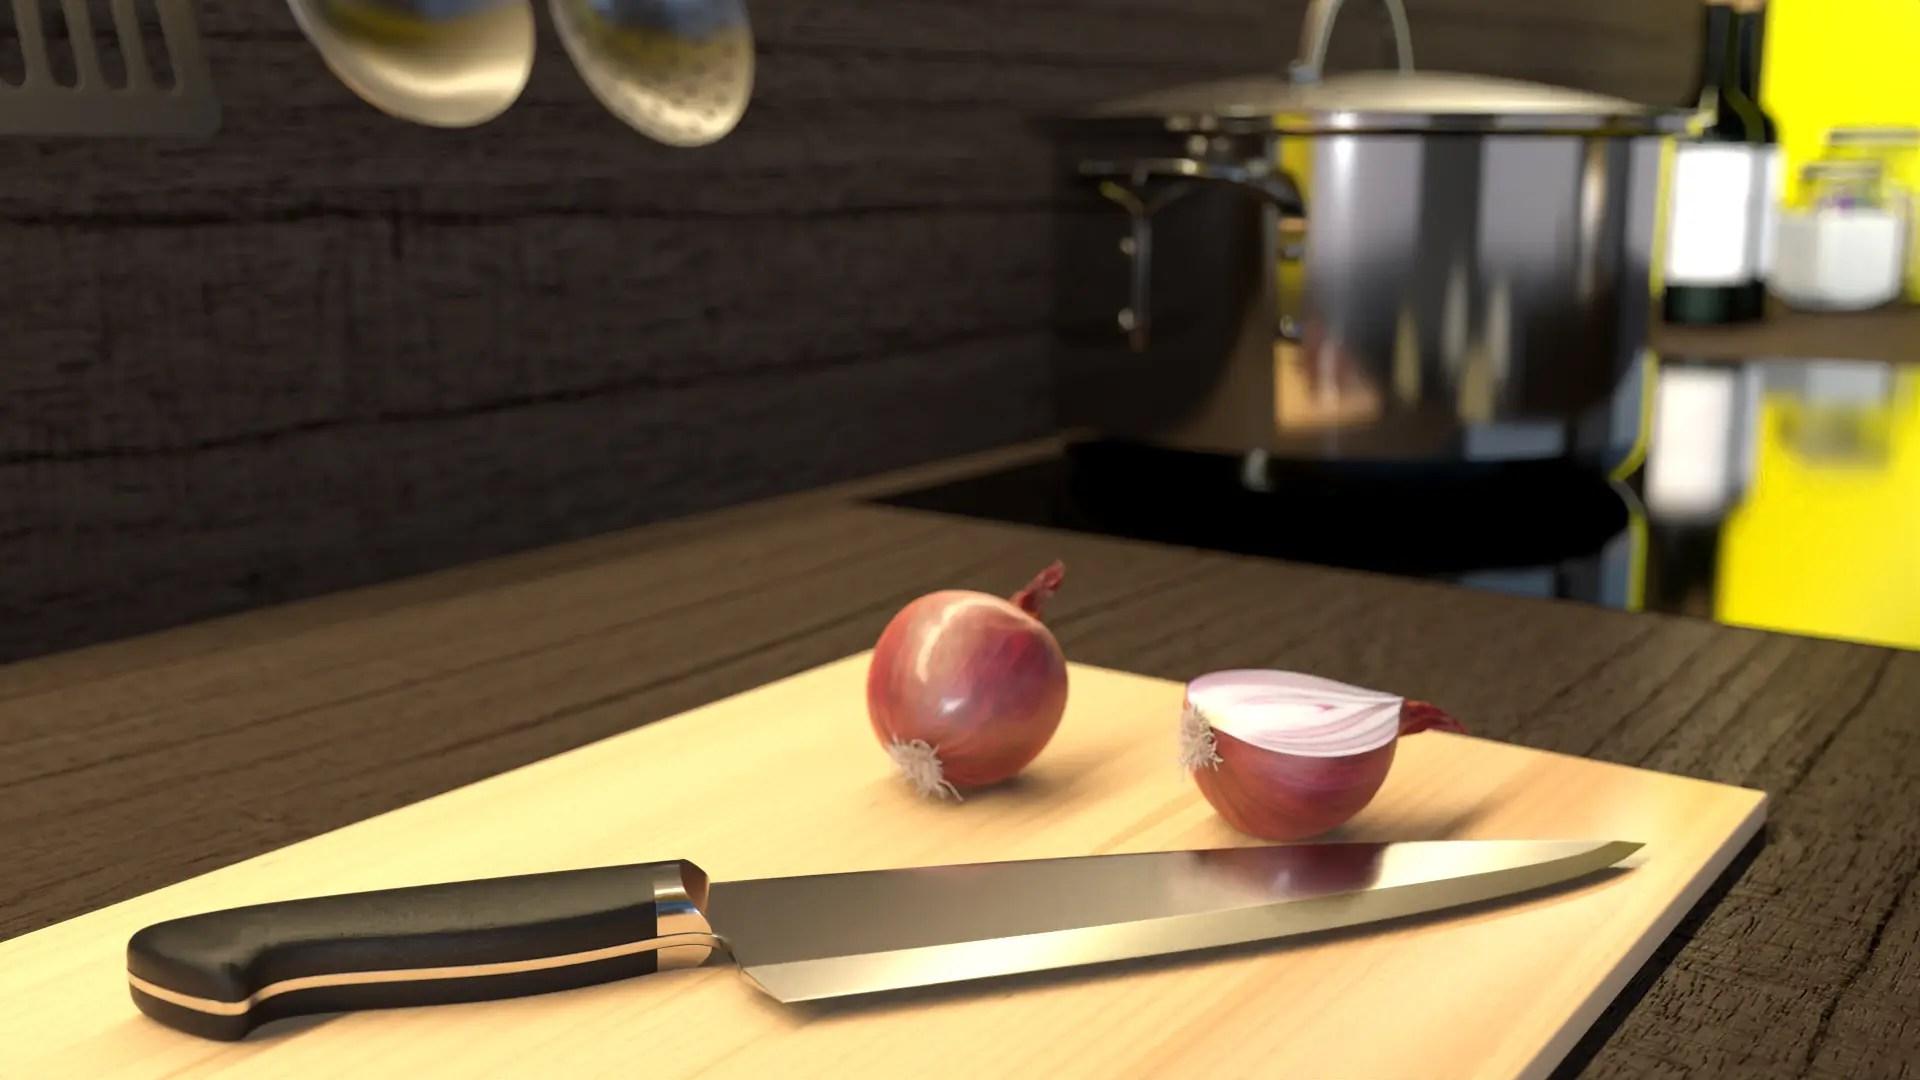 3d Mood-Grafik Hochglanz Messer mit zerschnittener zwiebel fotorealismus in Cinema4D